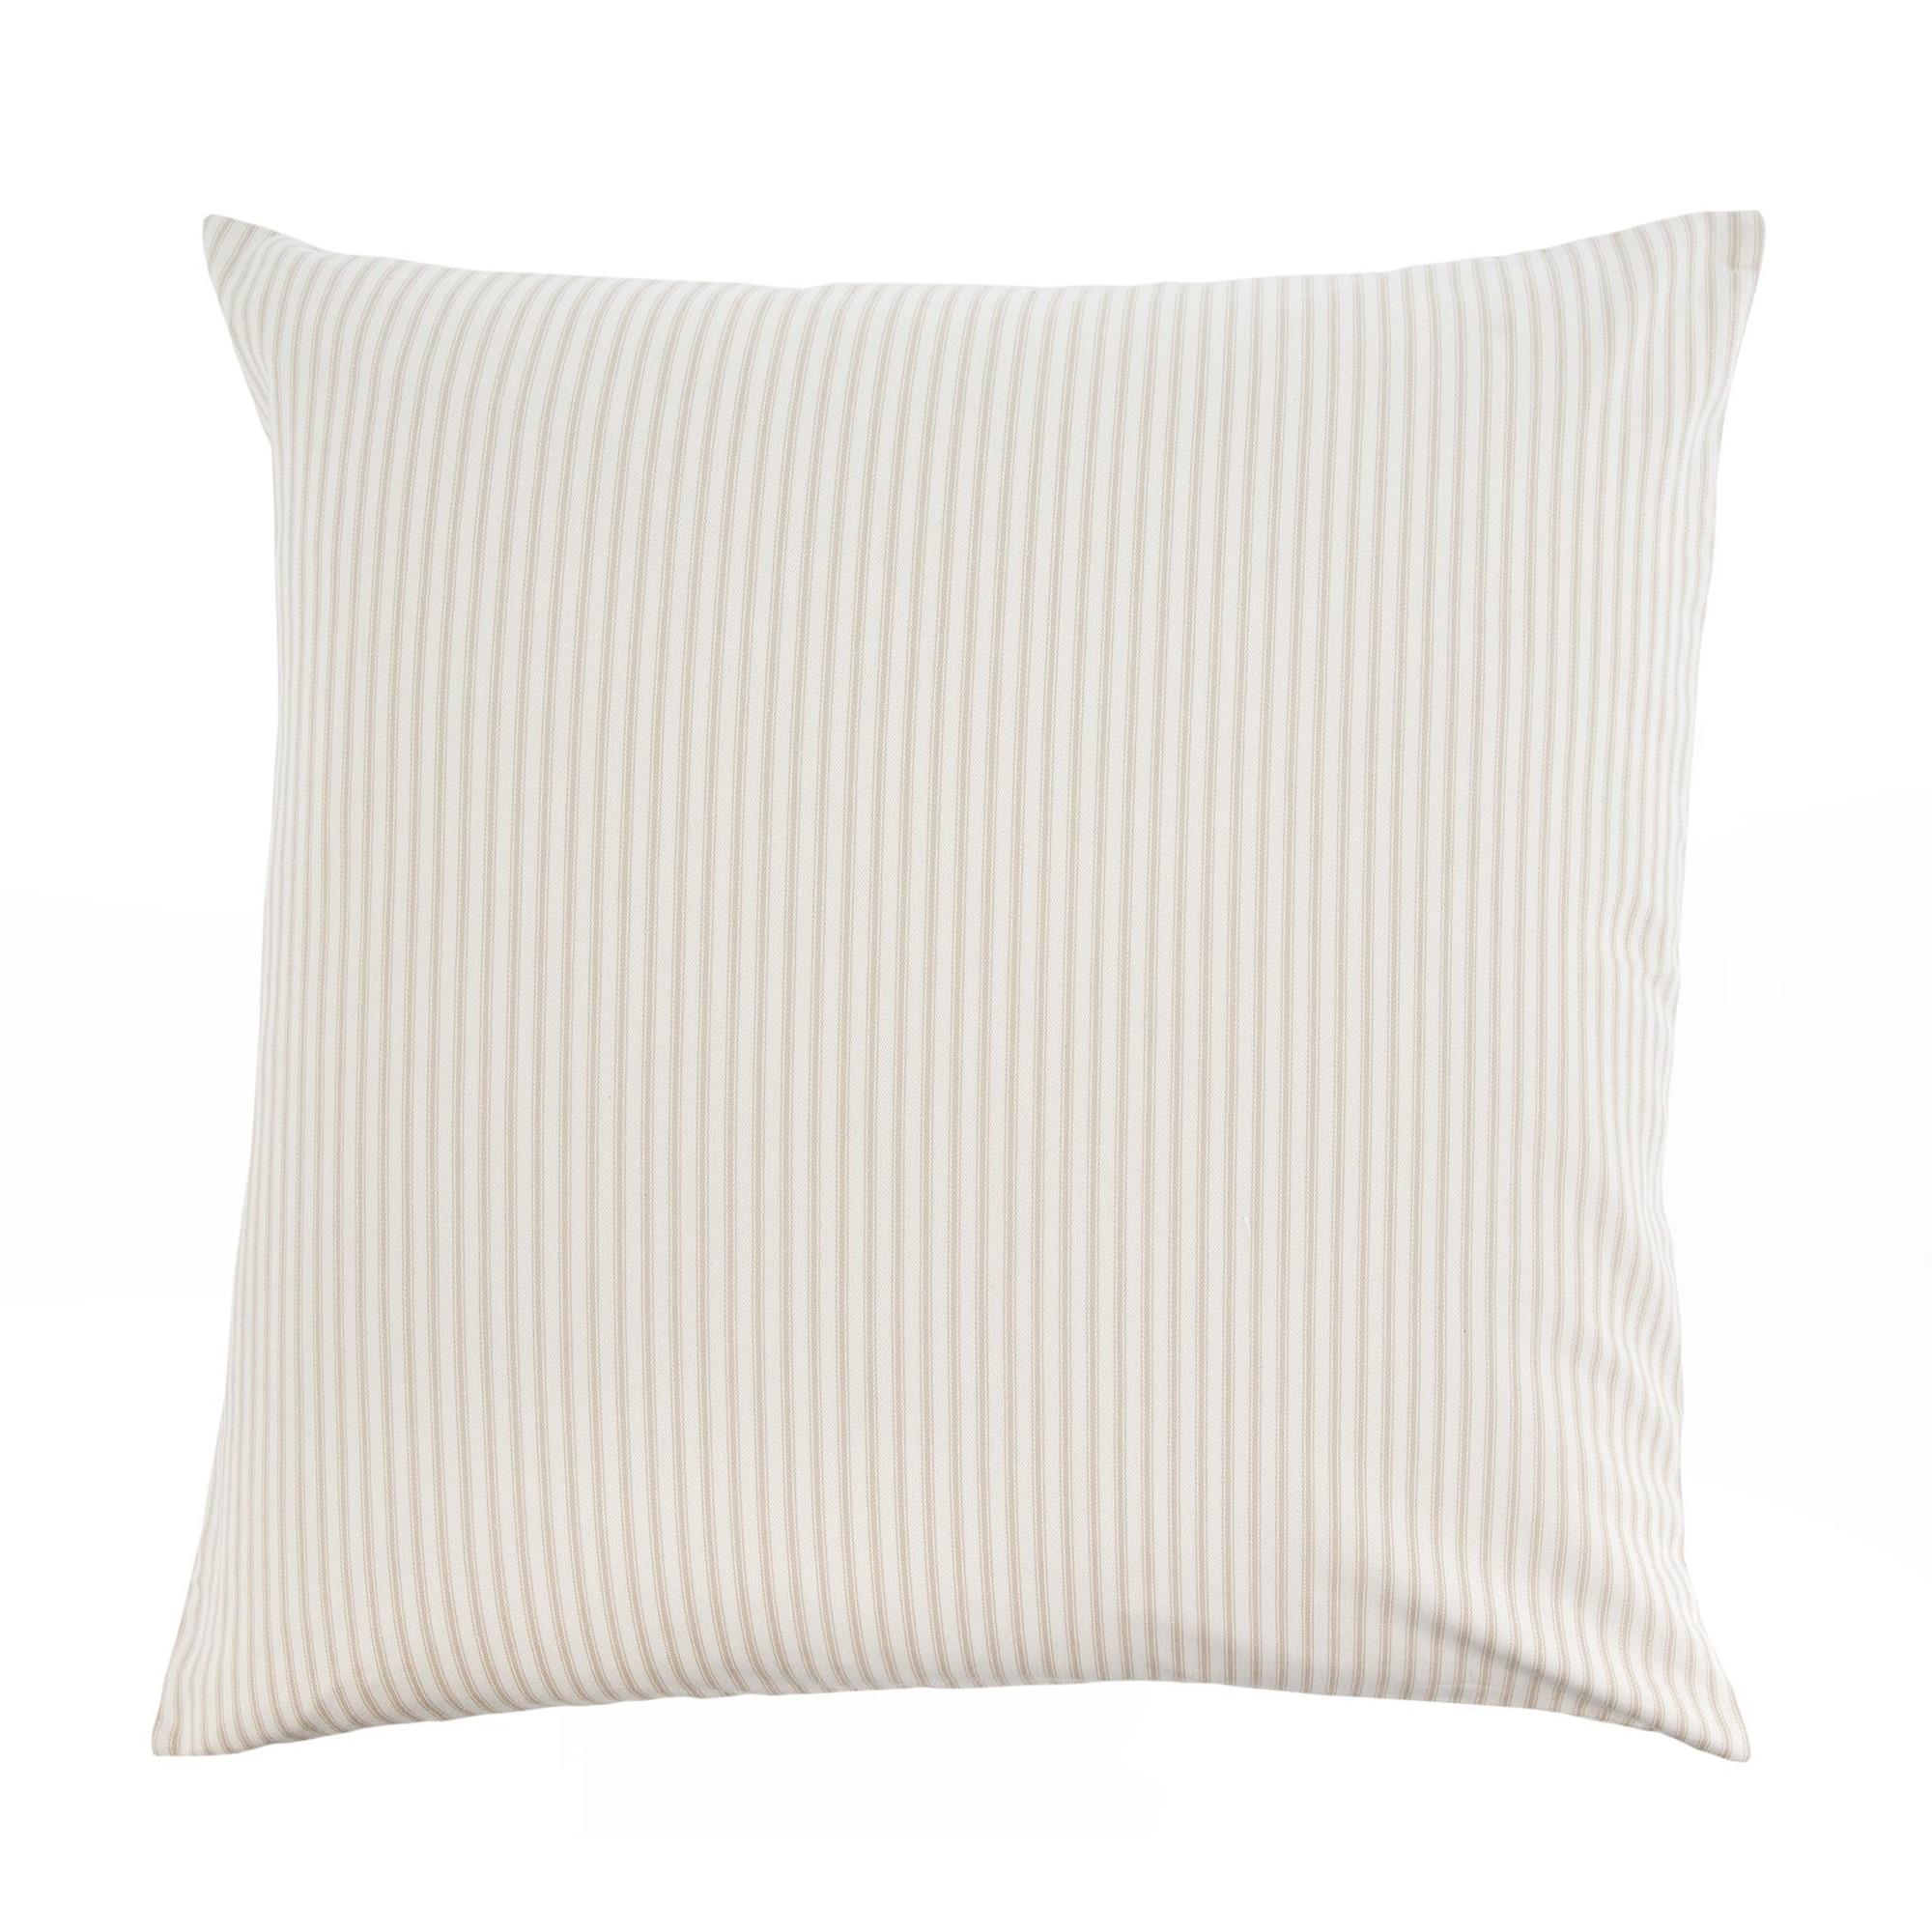 Beige Ticking Pillow